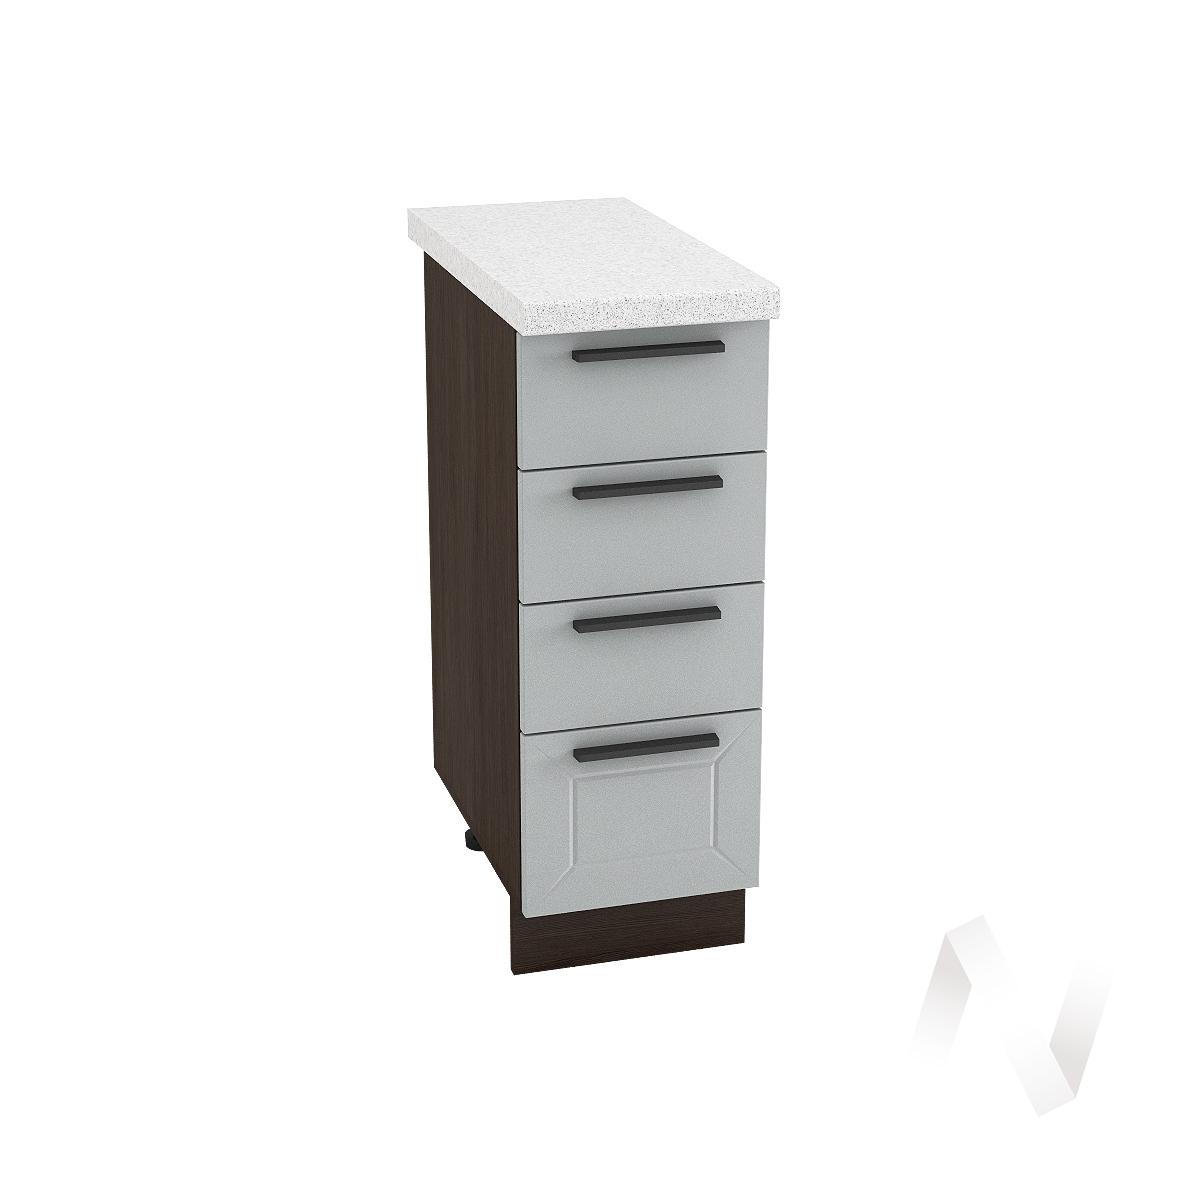 """Кухня """"Глетчер"""": Шкаф нижний с 4-мя ящиками 300, ШН4Я 300 (Гейнсборо Силк/корпус венге)"""